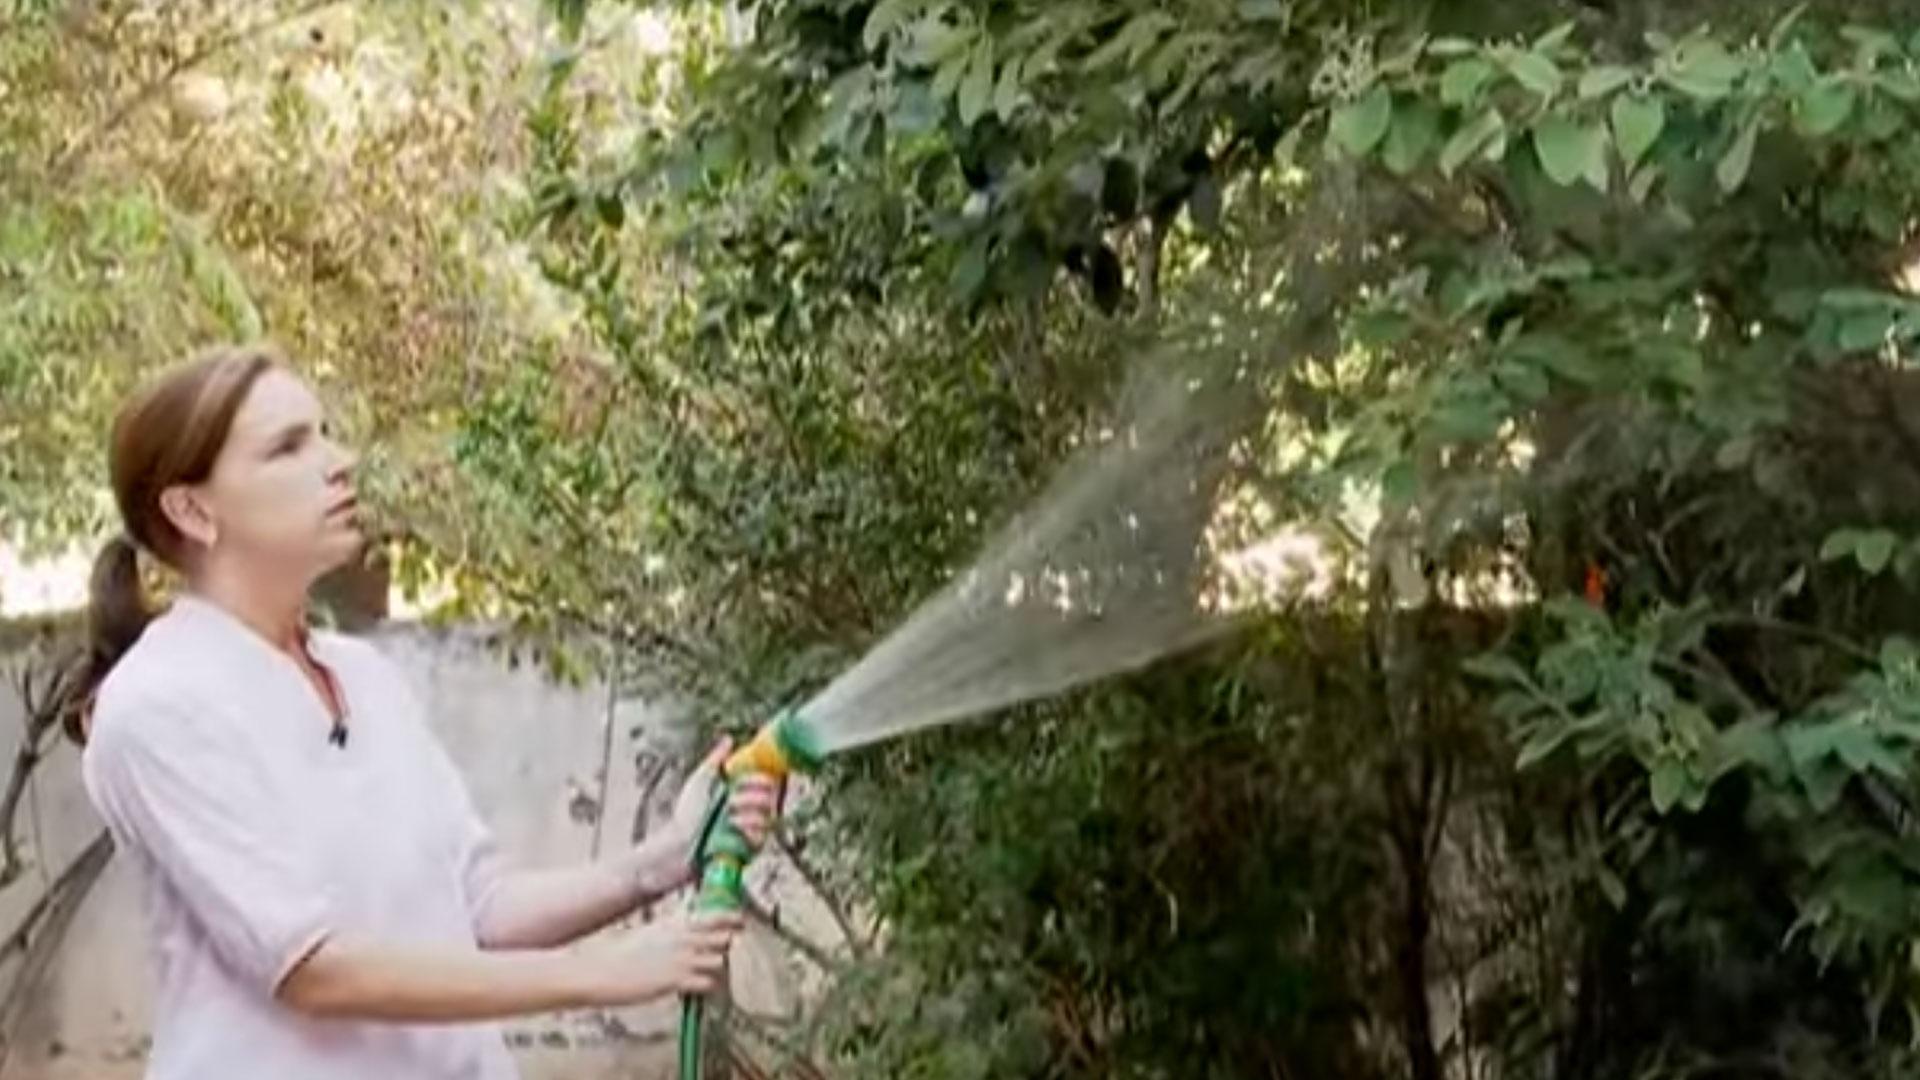 En marzo, ya finalizando el verano en el hemisferio sur, debemos trabajar más en el jardín para recuperarlo del calor de la época estival, la falta de agua y porque todo ha crecido desmesuradamente. Con estas simples labores lo dejarás como nuevo y listo para el otoño.